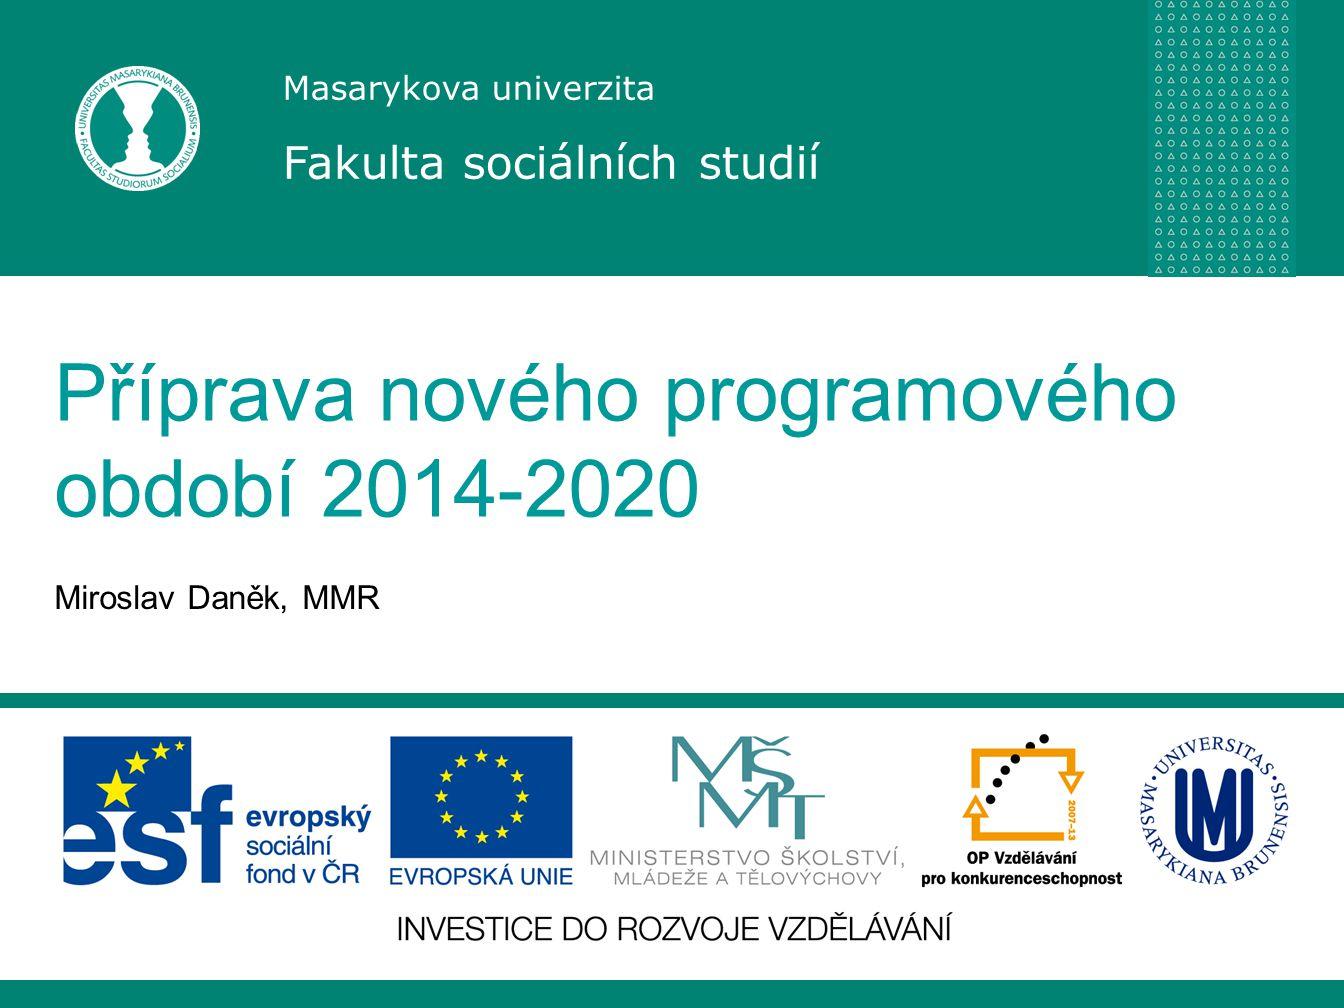 Příprava nového programového období 2014-2020